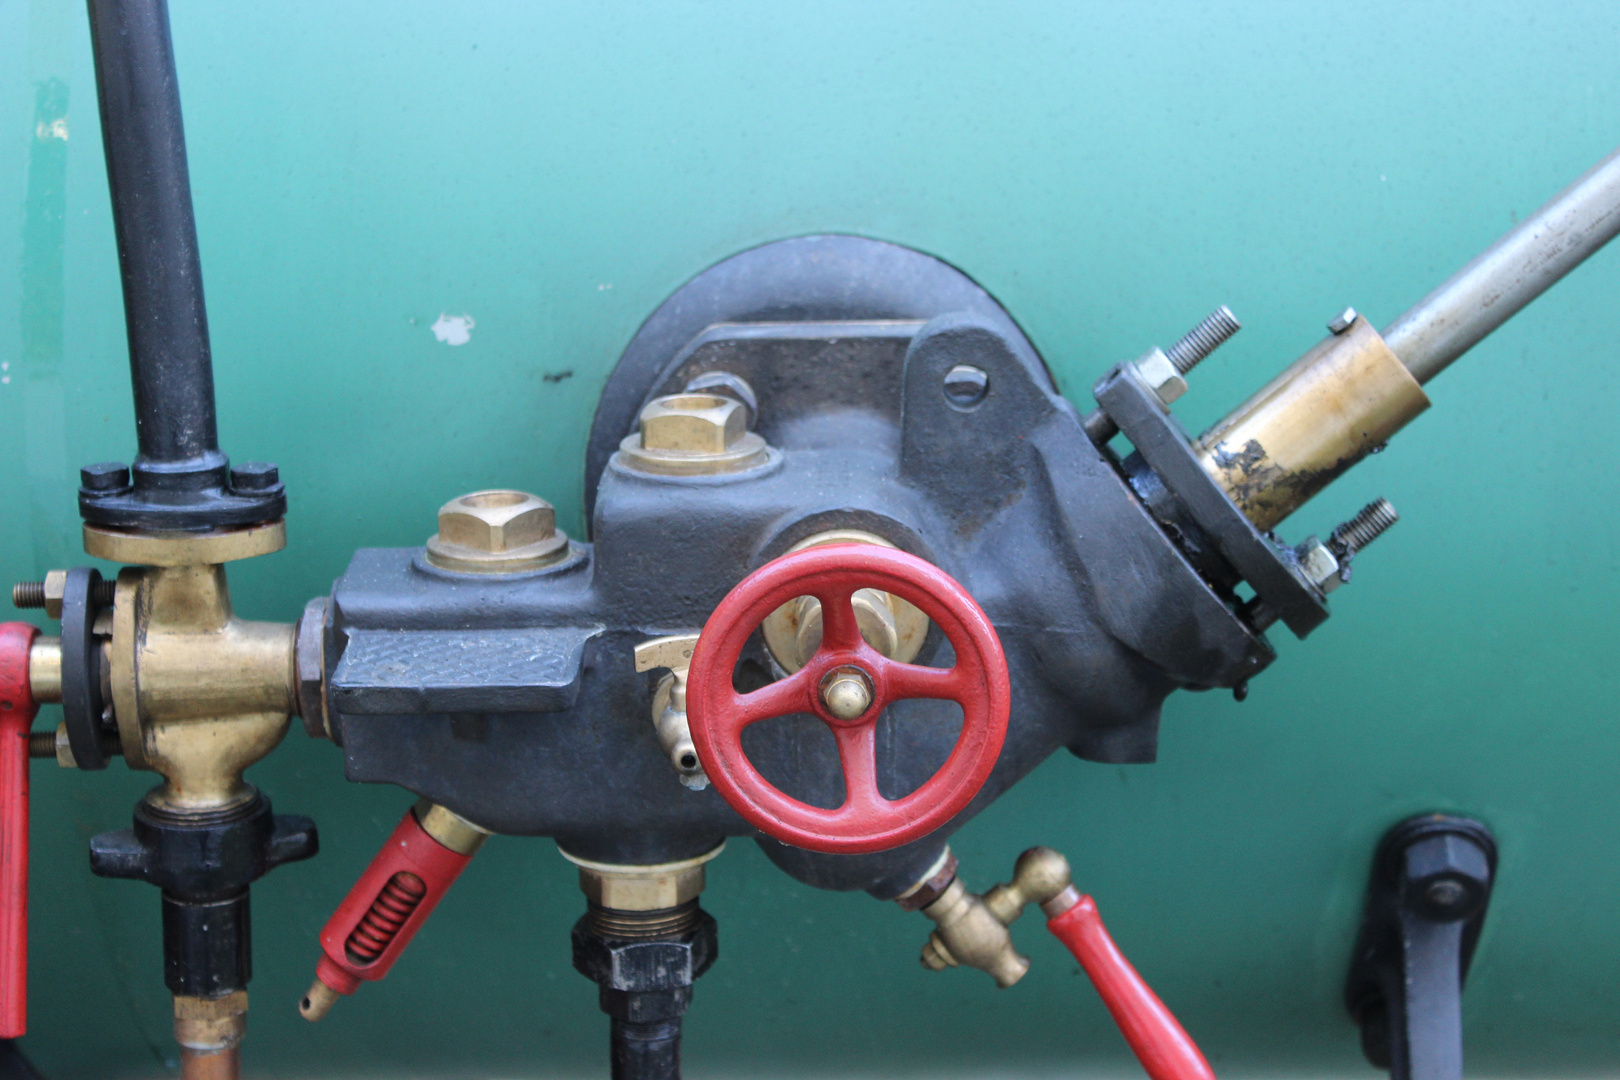 Dampfkesselsteuerung, ohne Platine